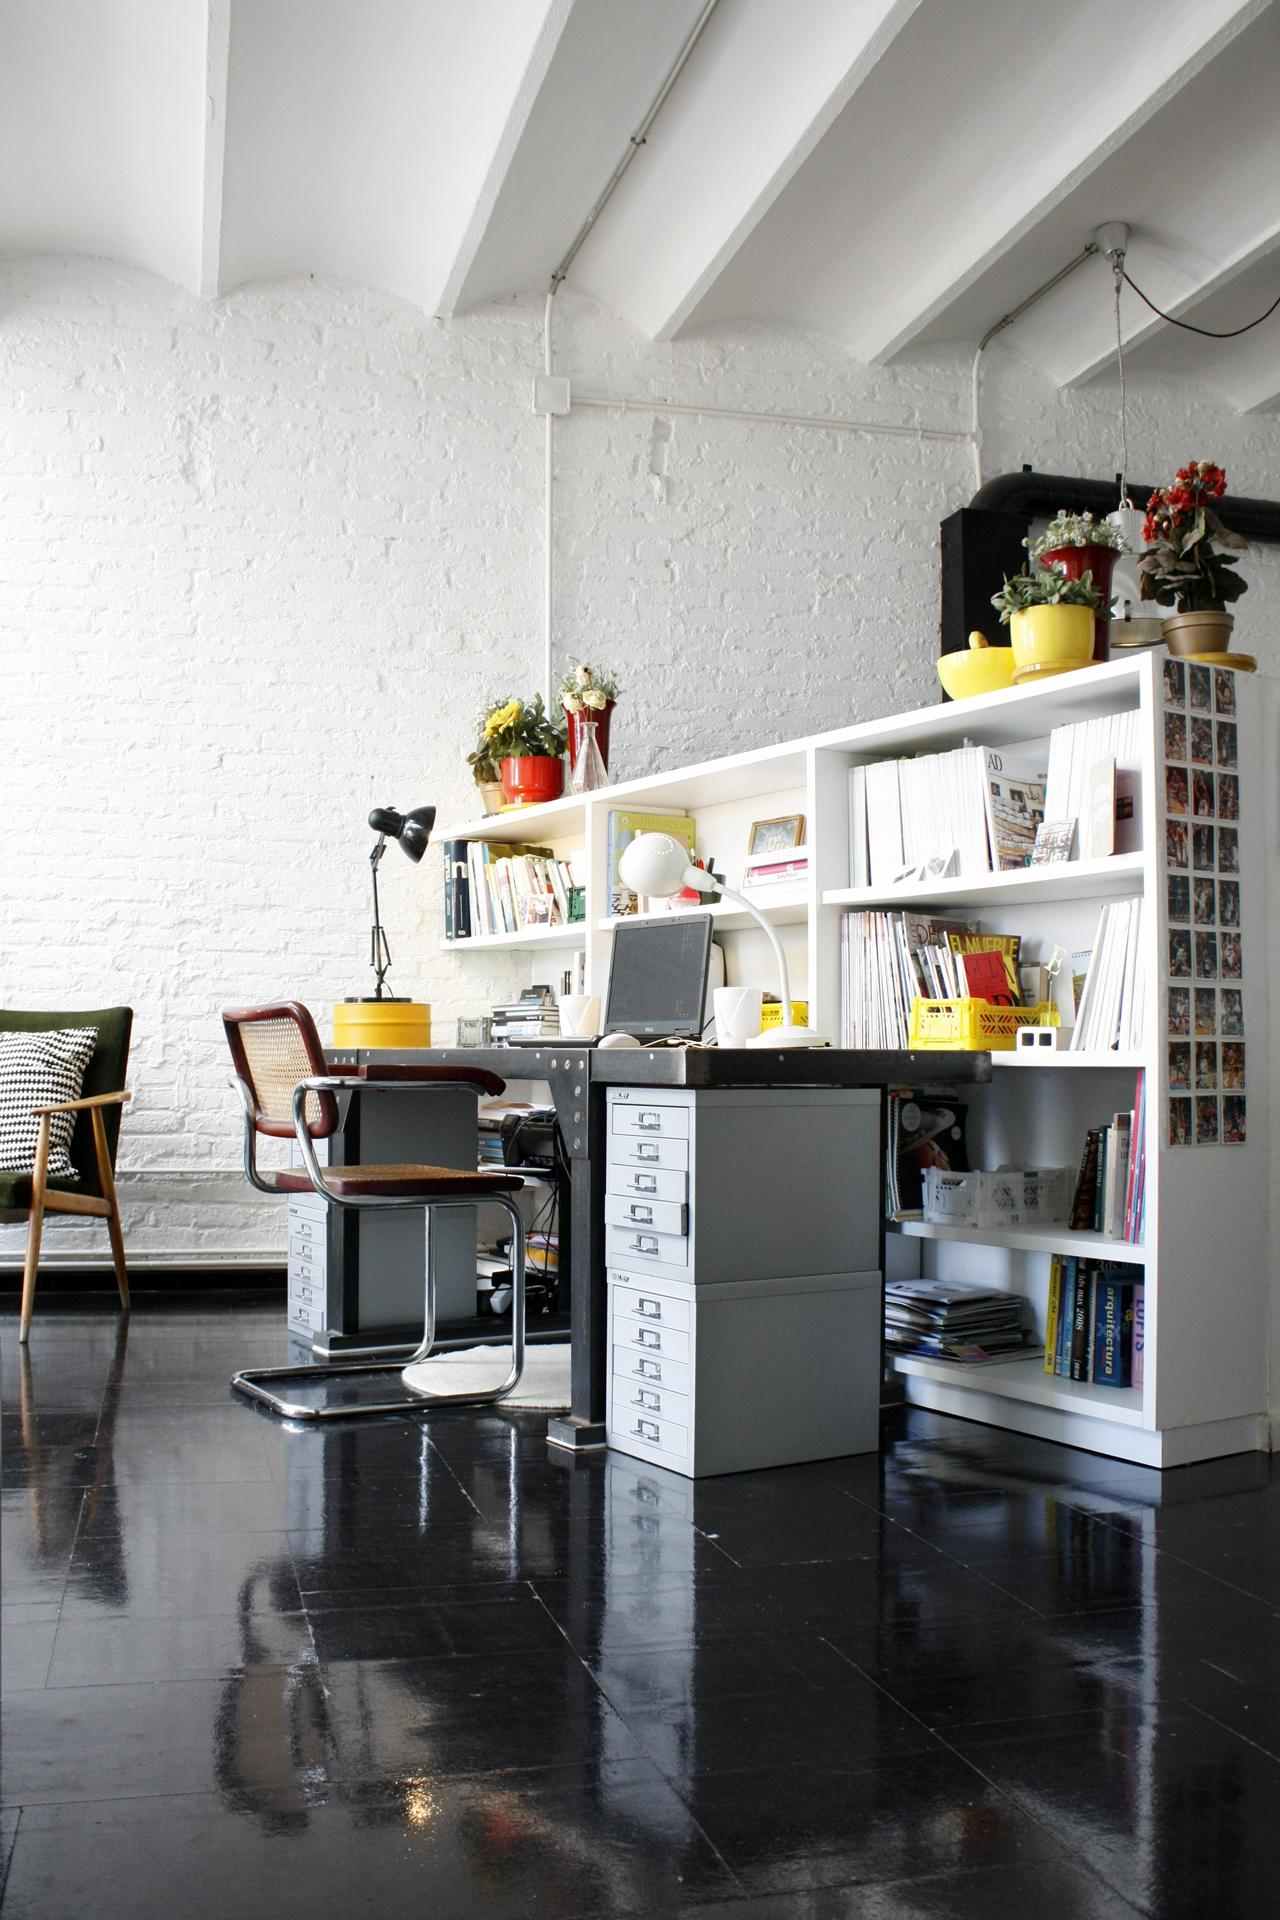 Büro Innenarchitektur arbeitszimmer büro bürostuhl schreibtisch bücher